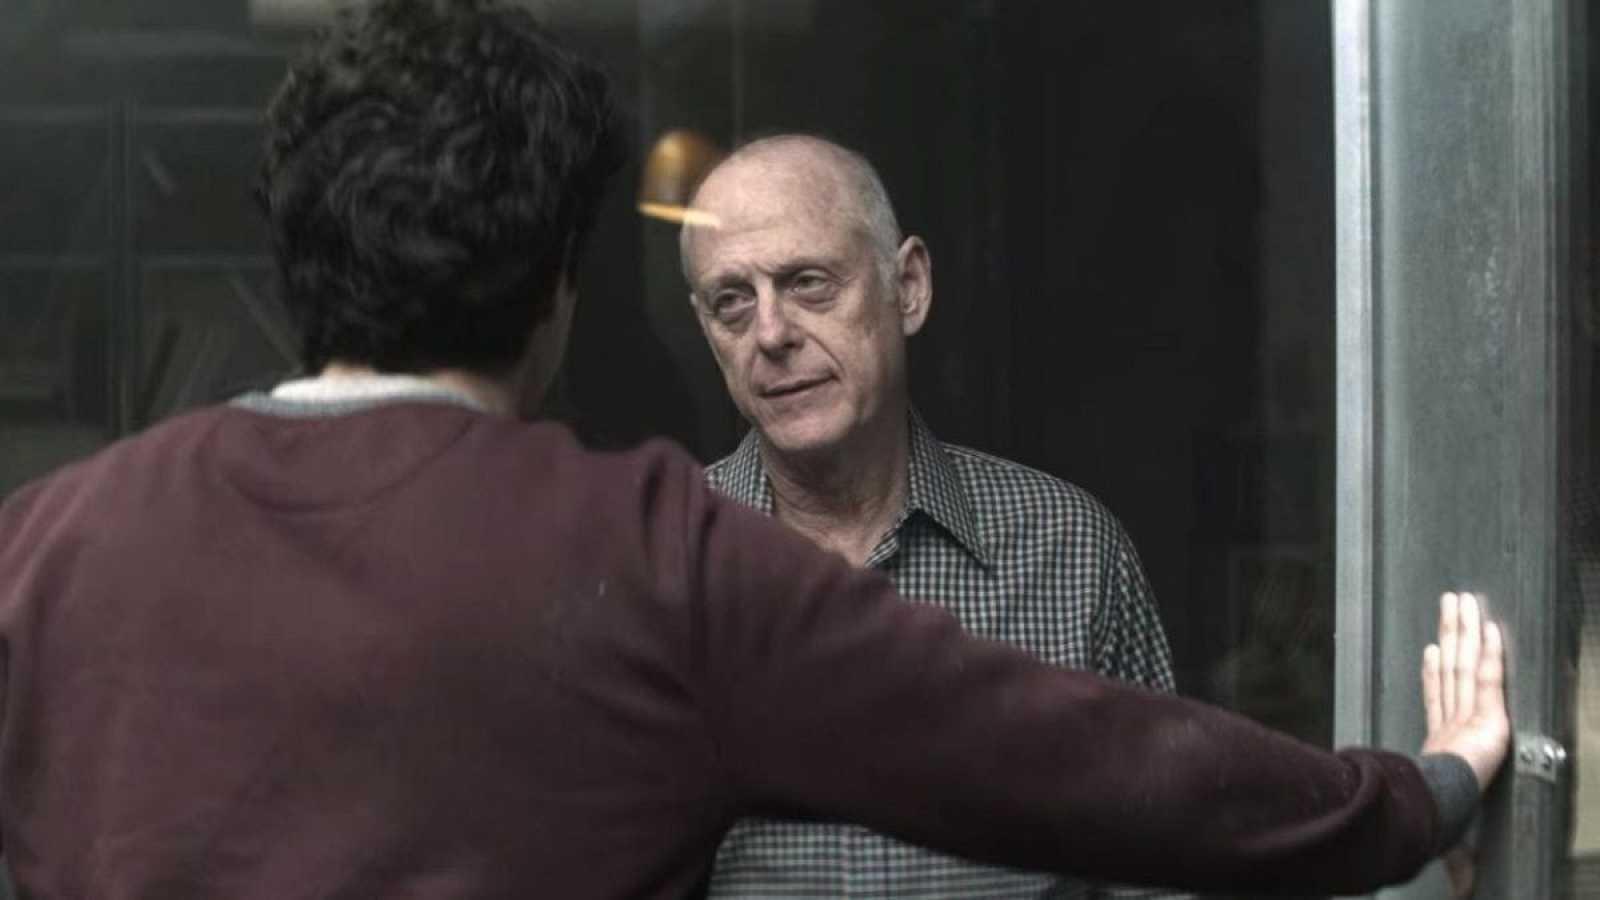 Mark Blum a la sèrie 'You', un dels seus últims papers